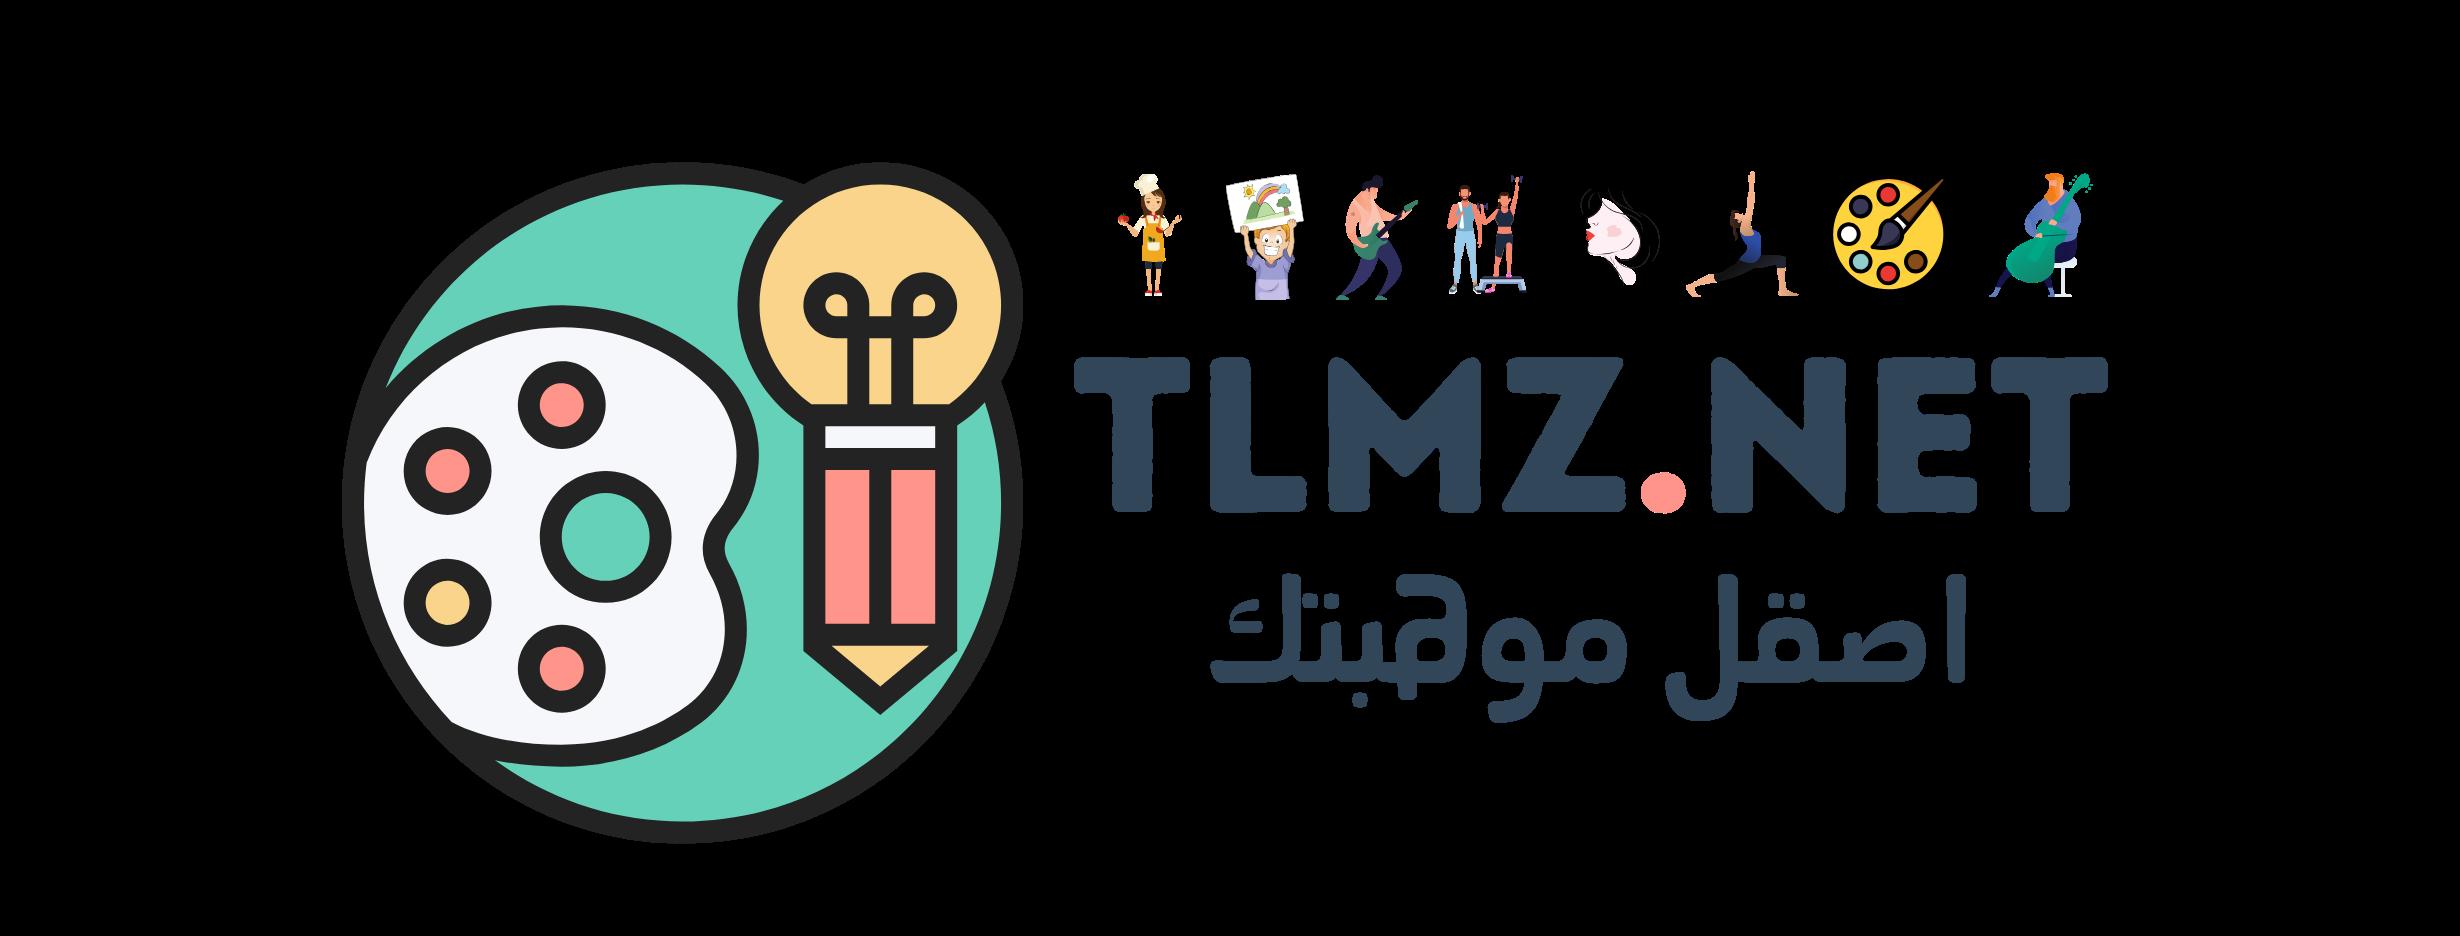 تعلّم أونلاين tlmz.net learn 1 on 1 online learning